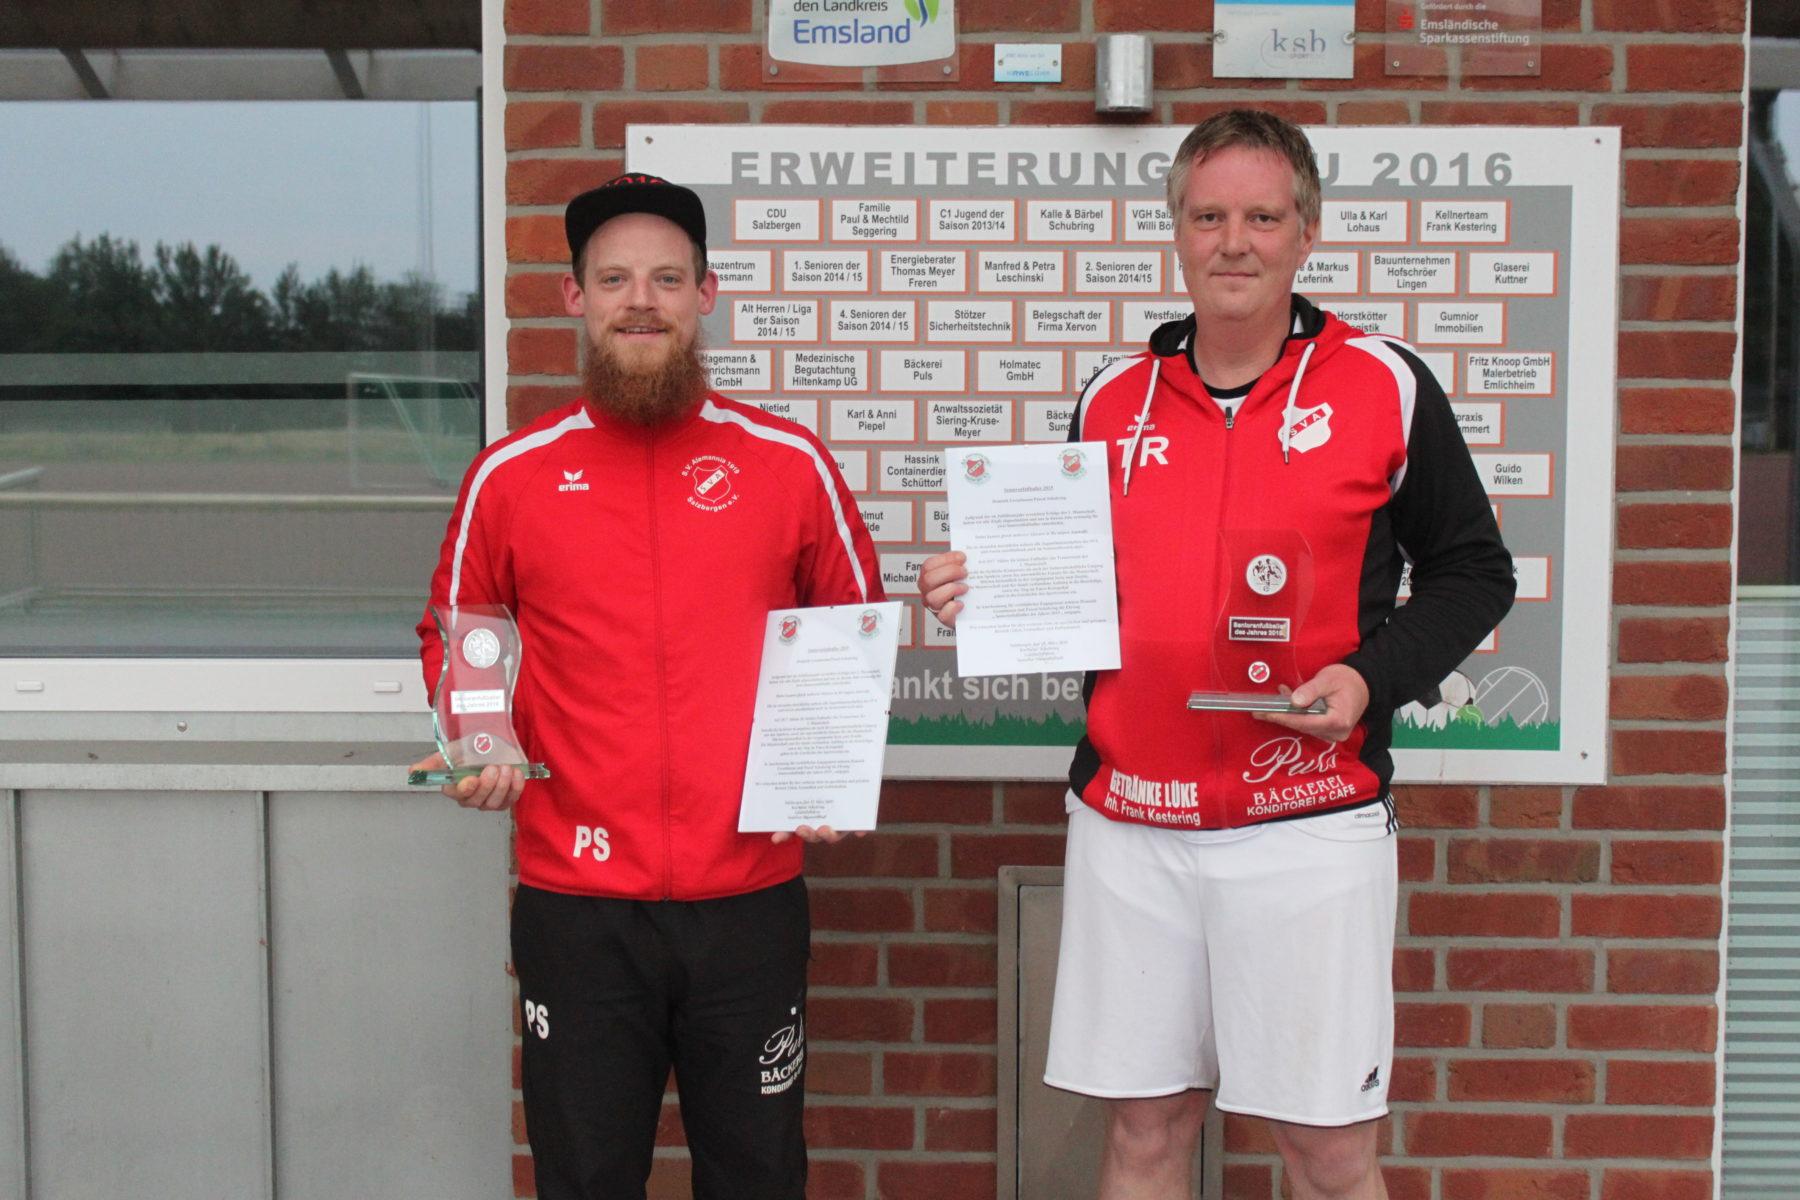 """Trainerteam der Ersten offiziell verabschiedet - Grondmann und Schubring """"Fußballer des Jahres 2019"""""""